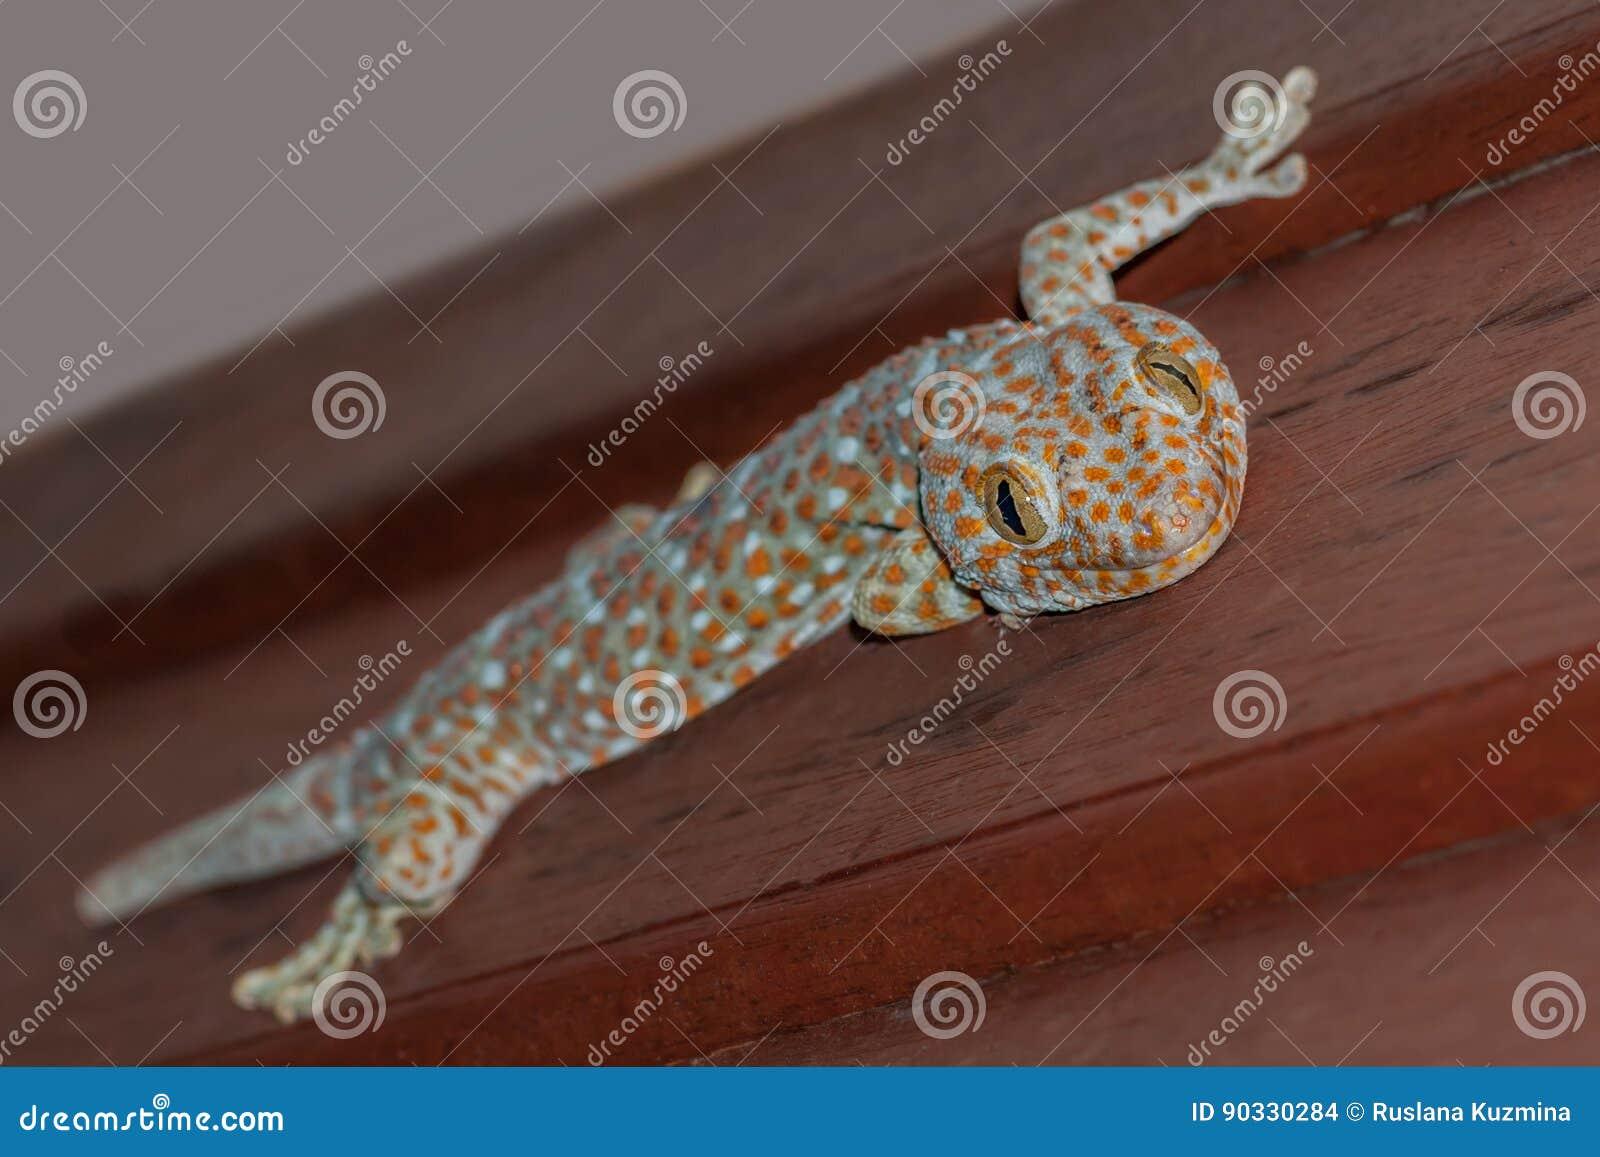 Lagarto del tokee del gekko de la salamandra de Tokay, azul y anaranjado que se sienta en una pared y una sonrisa de madera